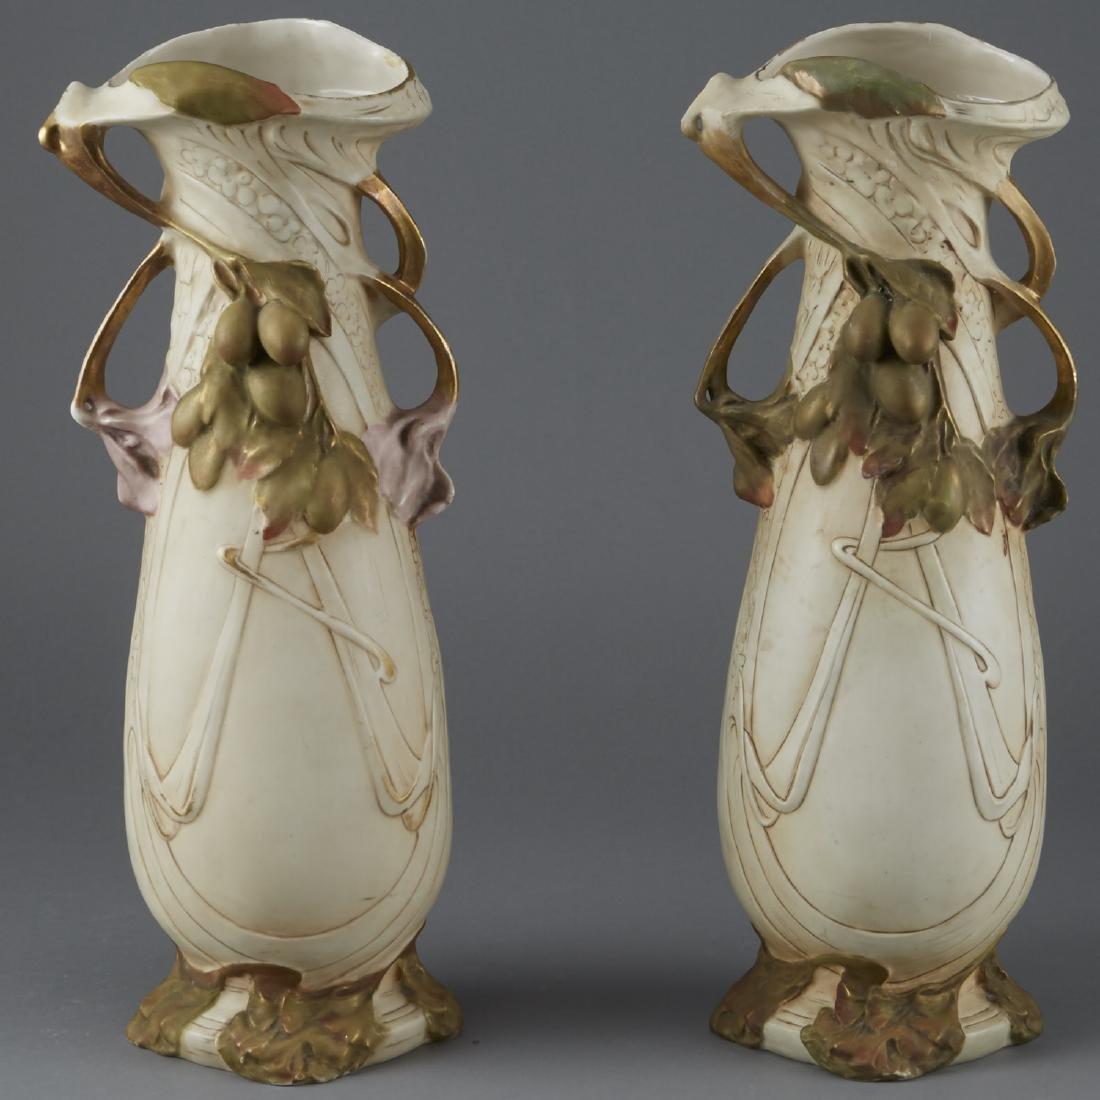 2 Amphora Vases